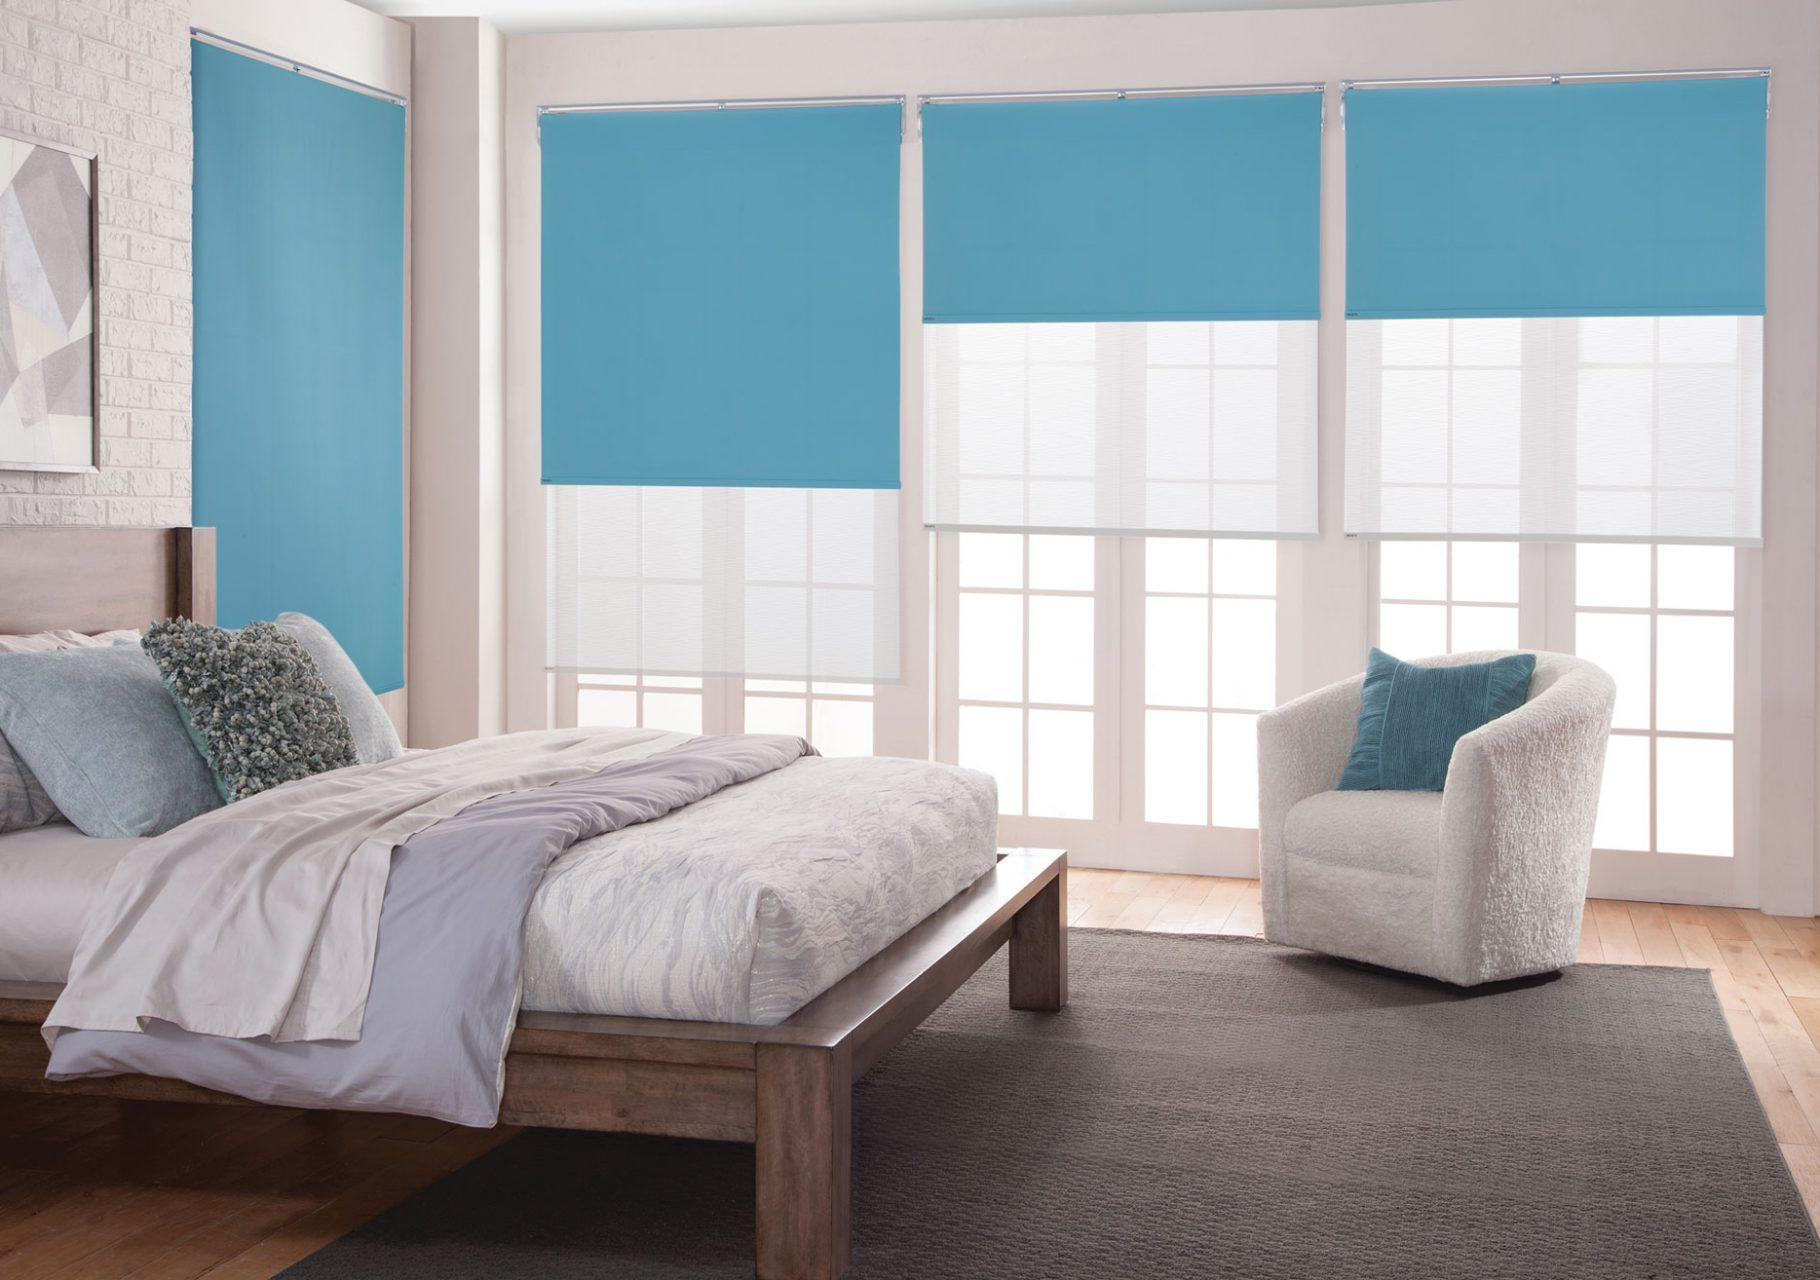 Room darkening roller shades for the bedroom